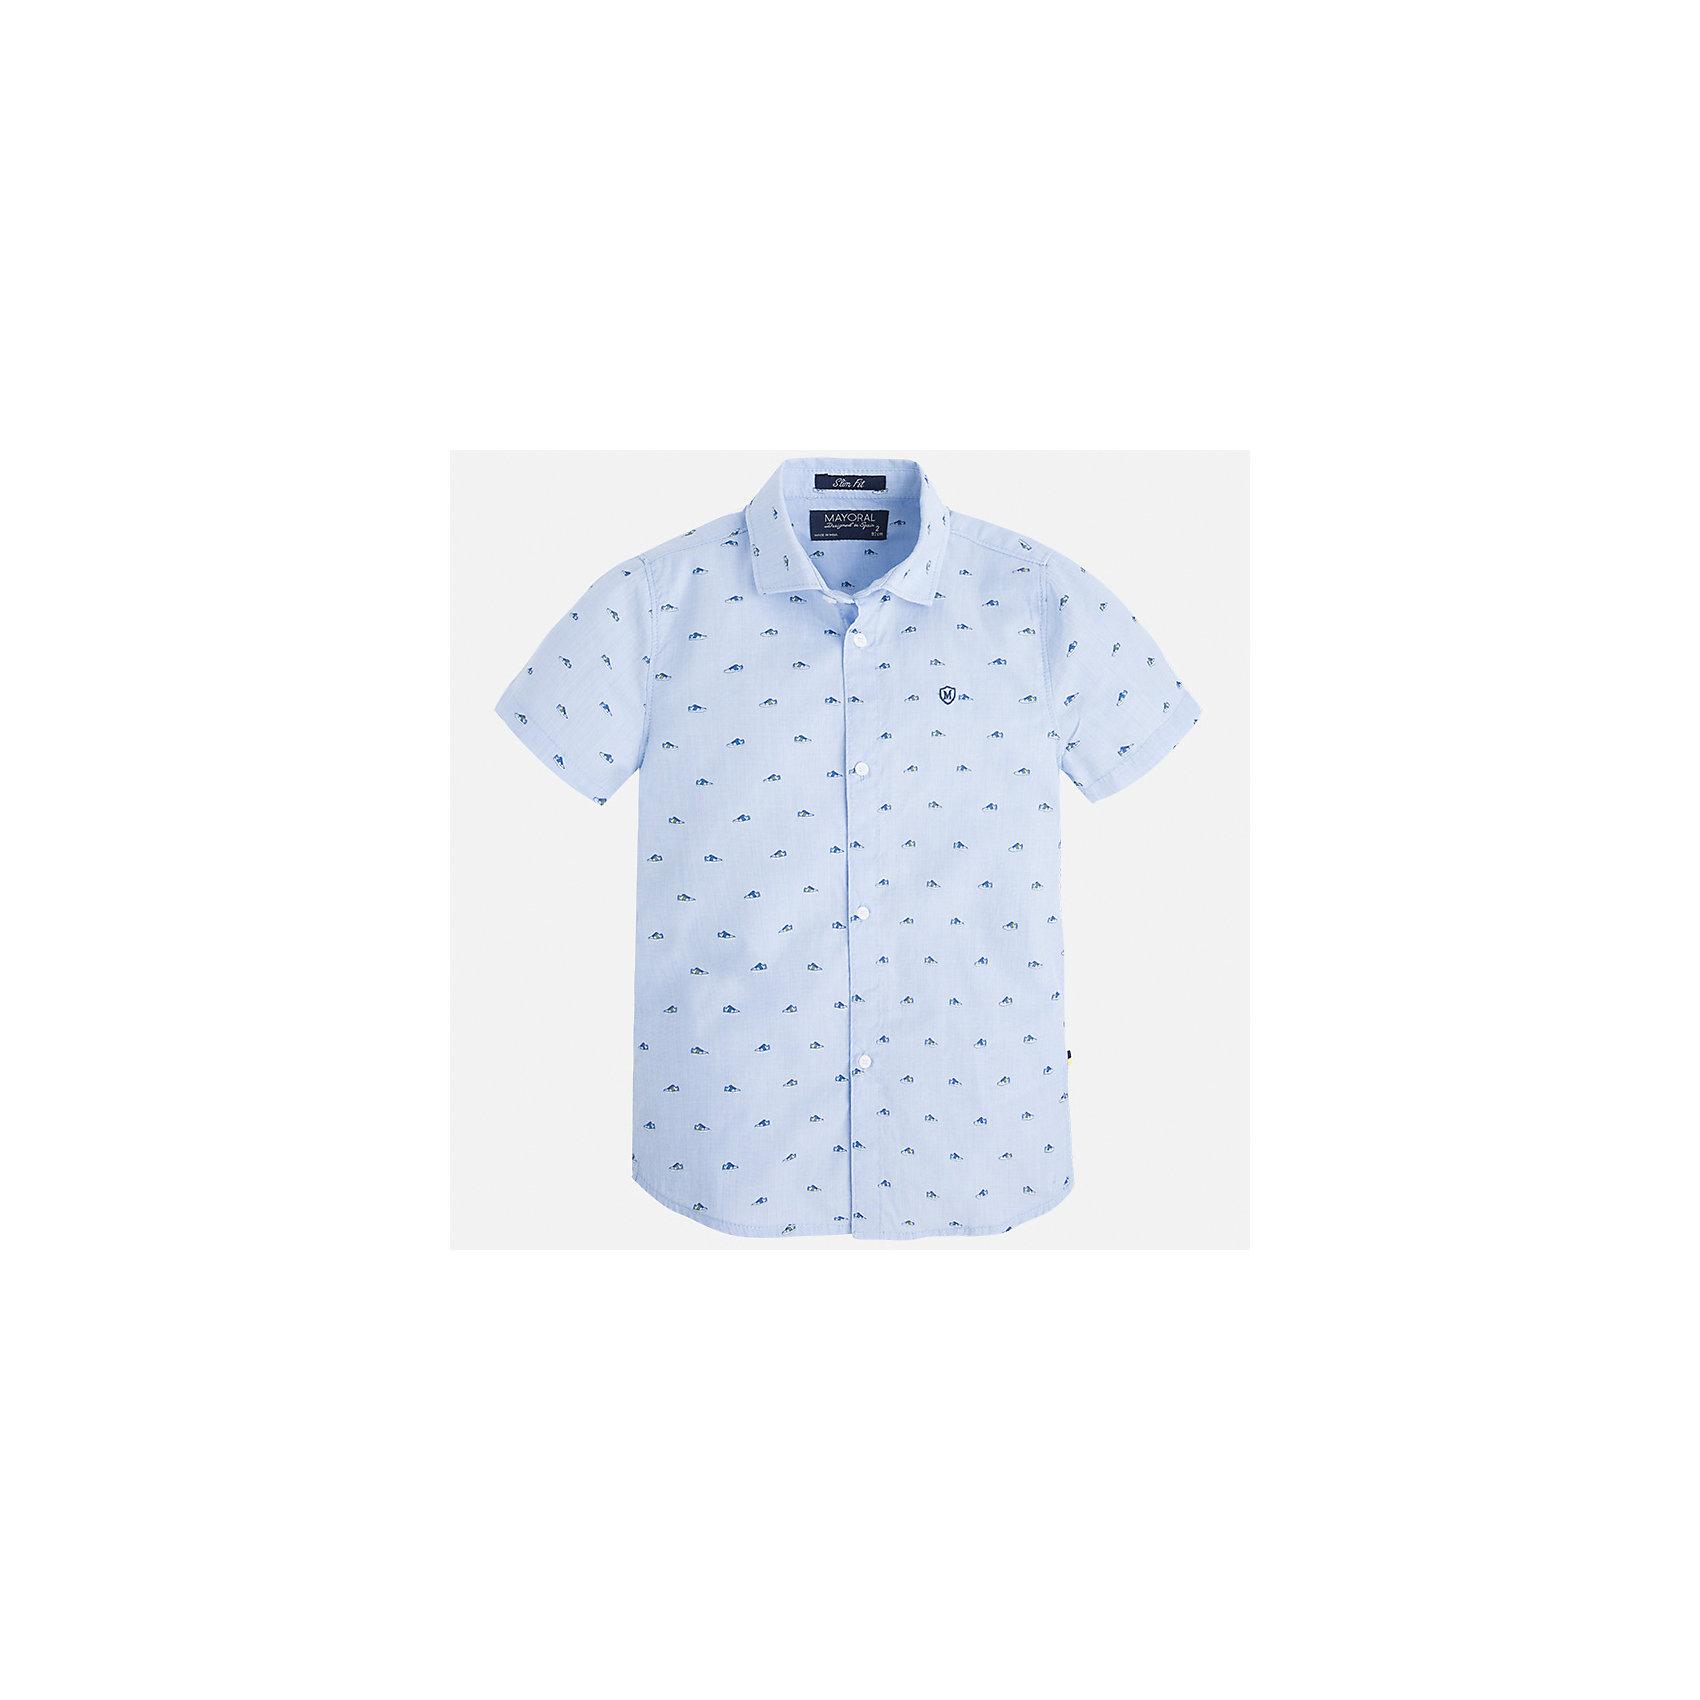 Рубашка для мальчика MayoralБлузки и рубашки<br>Характеристики товара:<br><br>• цвет: голубой<br>• состав: 100% хлопок<br>• отложной воротник<br>• короткие рукава<br>• застежка: пуговицы<br>• вышивка на груди<br>• страна бренда: Испания<br><br>Стильная рубашка для мальчика может стать базовой вещью в гардеробе ребенка. Она отлично сочетается с брюками, шортами, джинсами и т.д. Универсальный крой и цвет позволяет подобрать к вещи низ разных расцветок. Практичное и стильное изделие! В составе материала - только натуральный хлопок, гипоаллергенный, приятный на ощупь, дышащий.<br><br>Одежда, обувь и аксессуары от испанского бренда Mayoral полюбились детям и взрослым по всему миру. Модели этой марки - стильные и удобные. Для их производства используются только безопасные, качественные материалы и фурнитура. Порадуйте ребенка модными и красивыми вещами от Mayoral! <br><br>Рубашку для мальчика от испанского бренда Mayoral (Майорал) можно купить в нашем интернет-магазине.<br><br>Ширина мм: 174<br>Глубина мм: 10<br>Высота мм: 169<br>Вес г: 157<br>Цвет: голубой<br>Возраст от месяцев: 36<br>Возраст до месяцев: 48<br>Пол: Мужской<br>Возраст: Детский<br>Размер: 104,92,98,110,116,122,128,134<br>SKU: 5272243